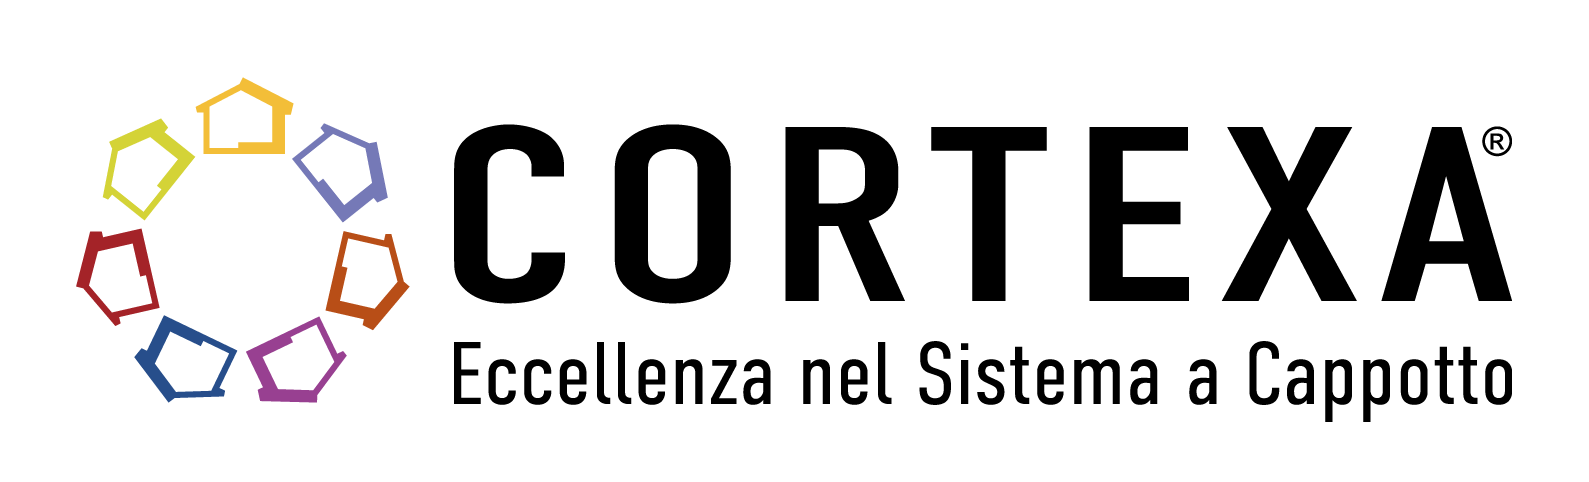 cortexa-logo-istituzionale-colori-2.9.2020